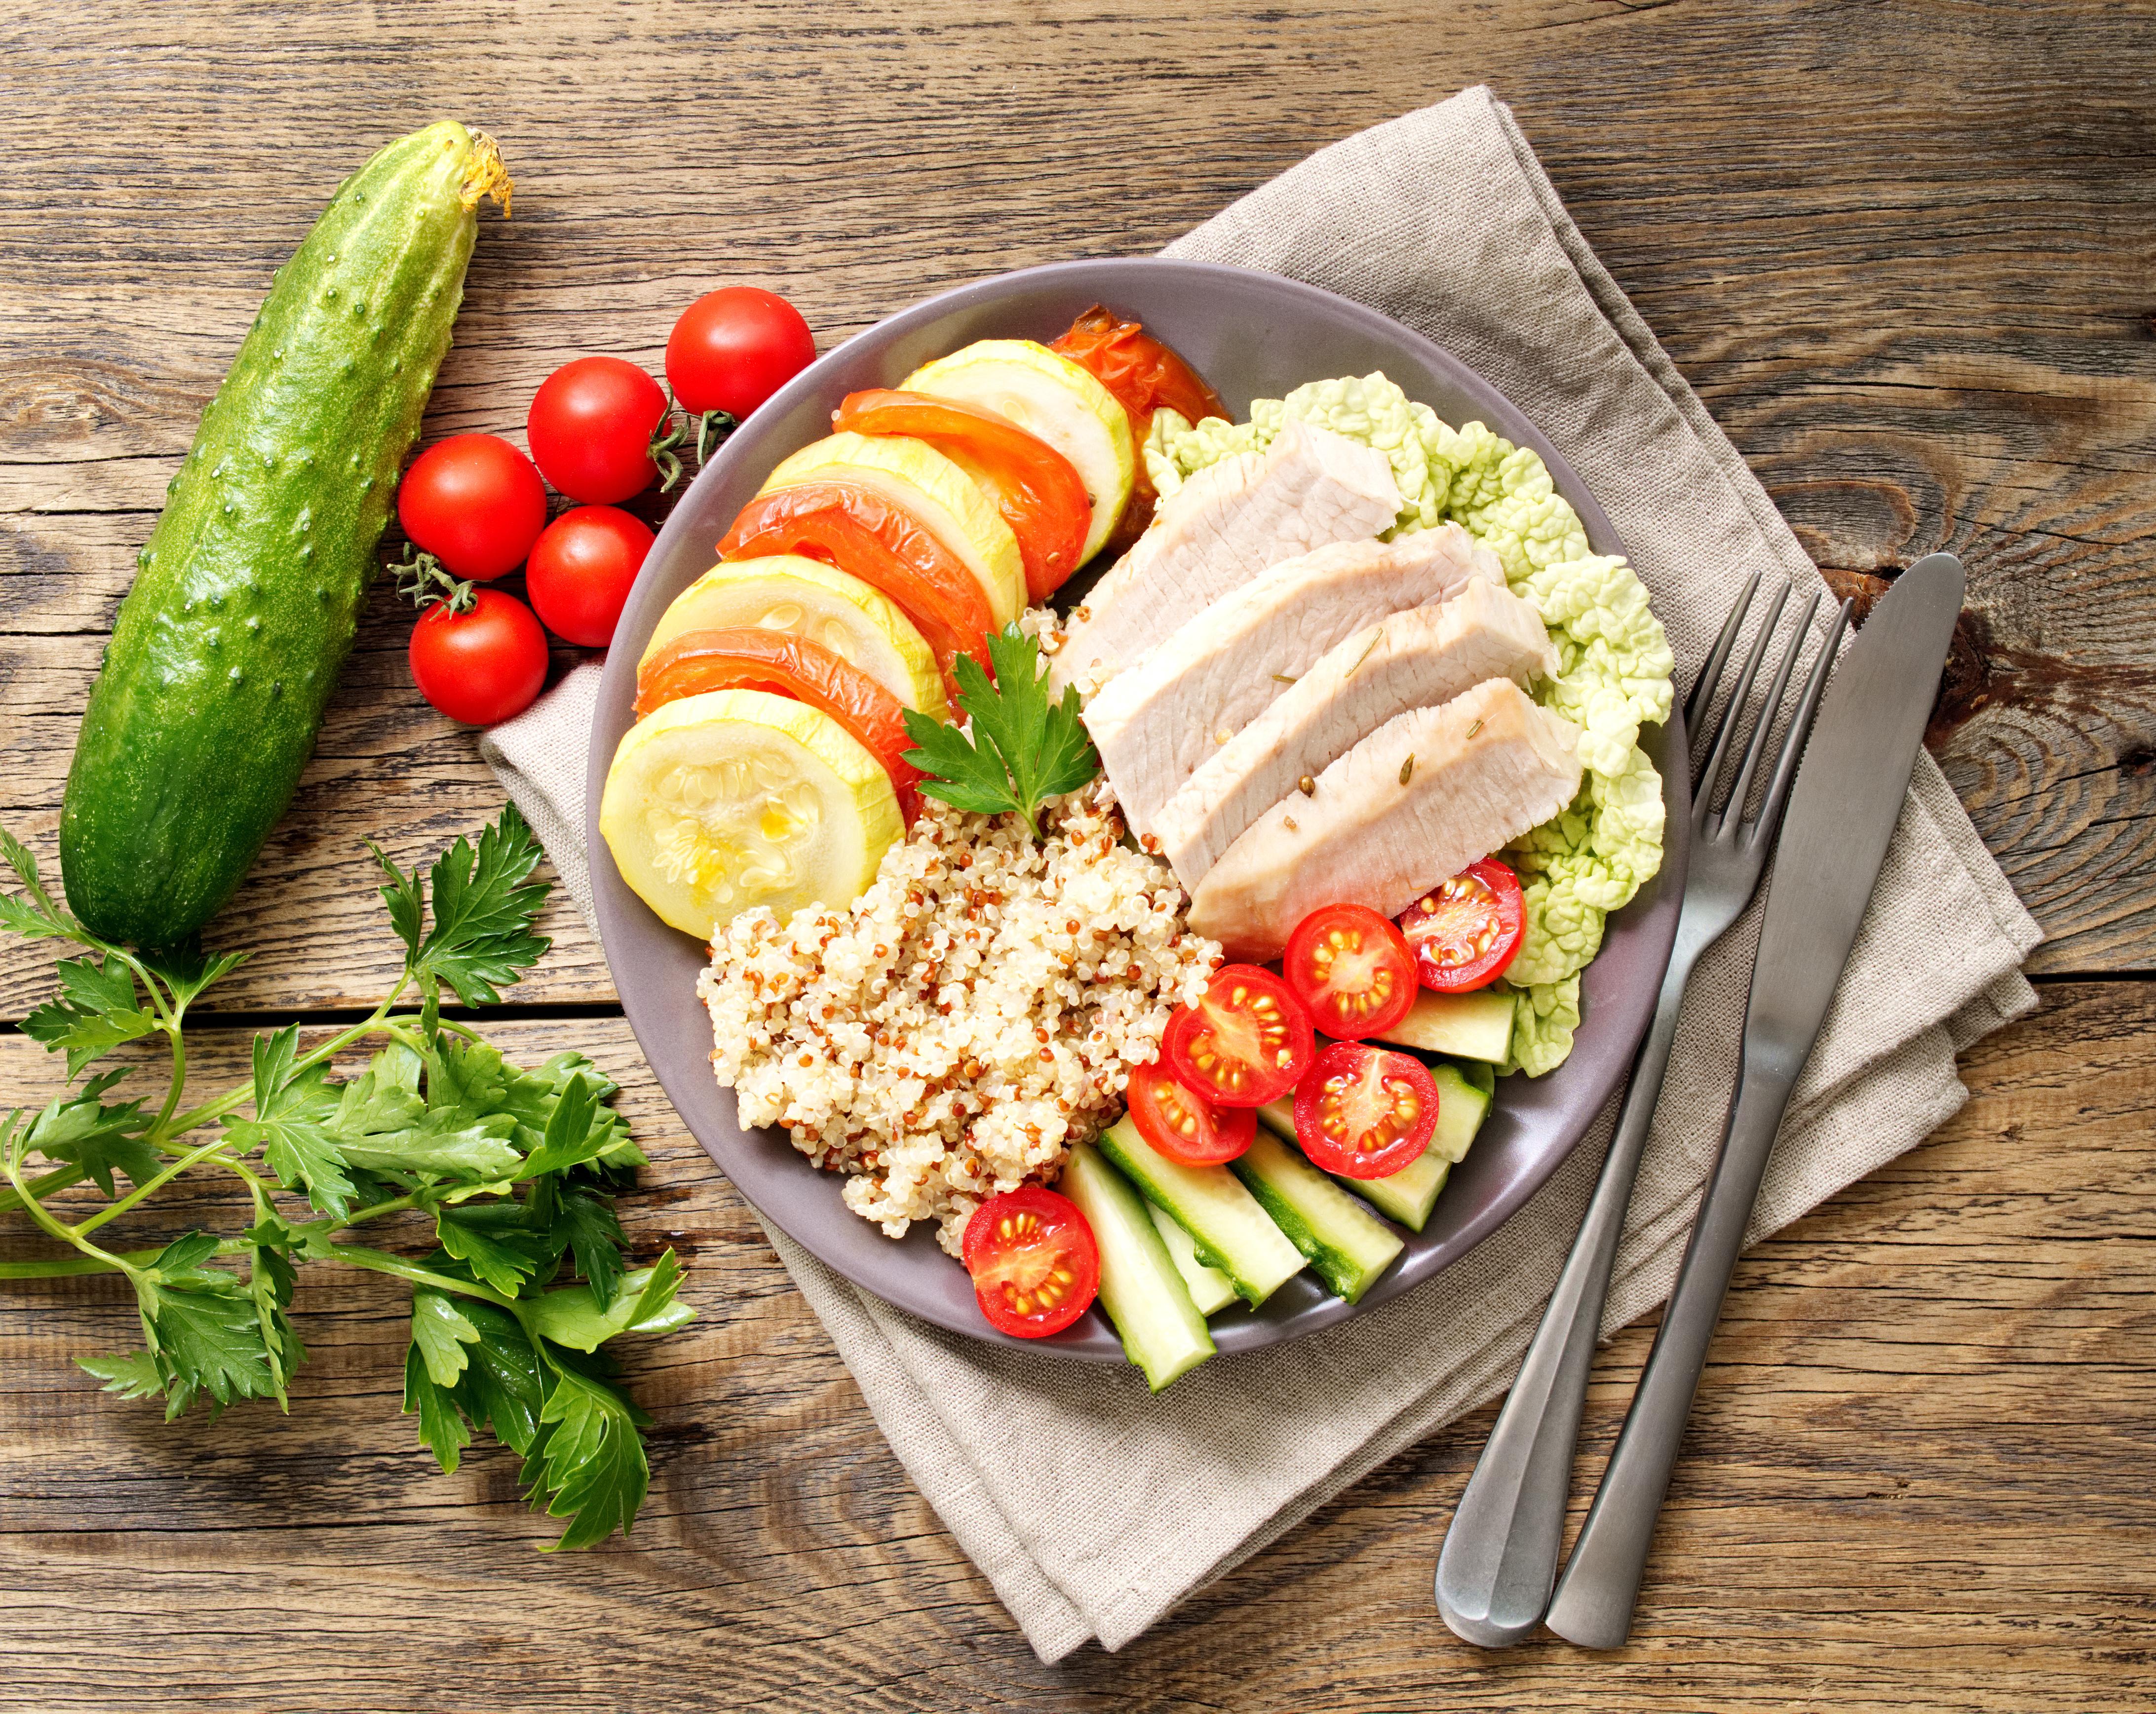 Hsgd диета 90 дней отзывы. диета 90 дней: экспедиция за стройной талией